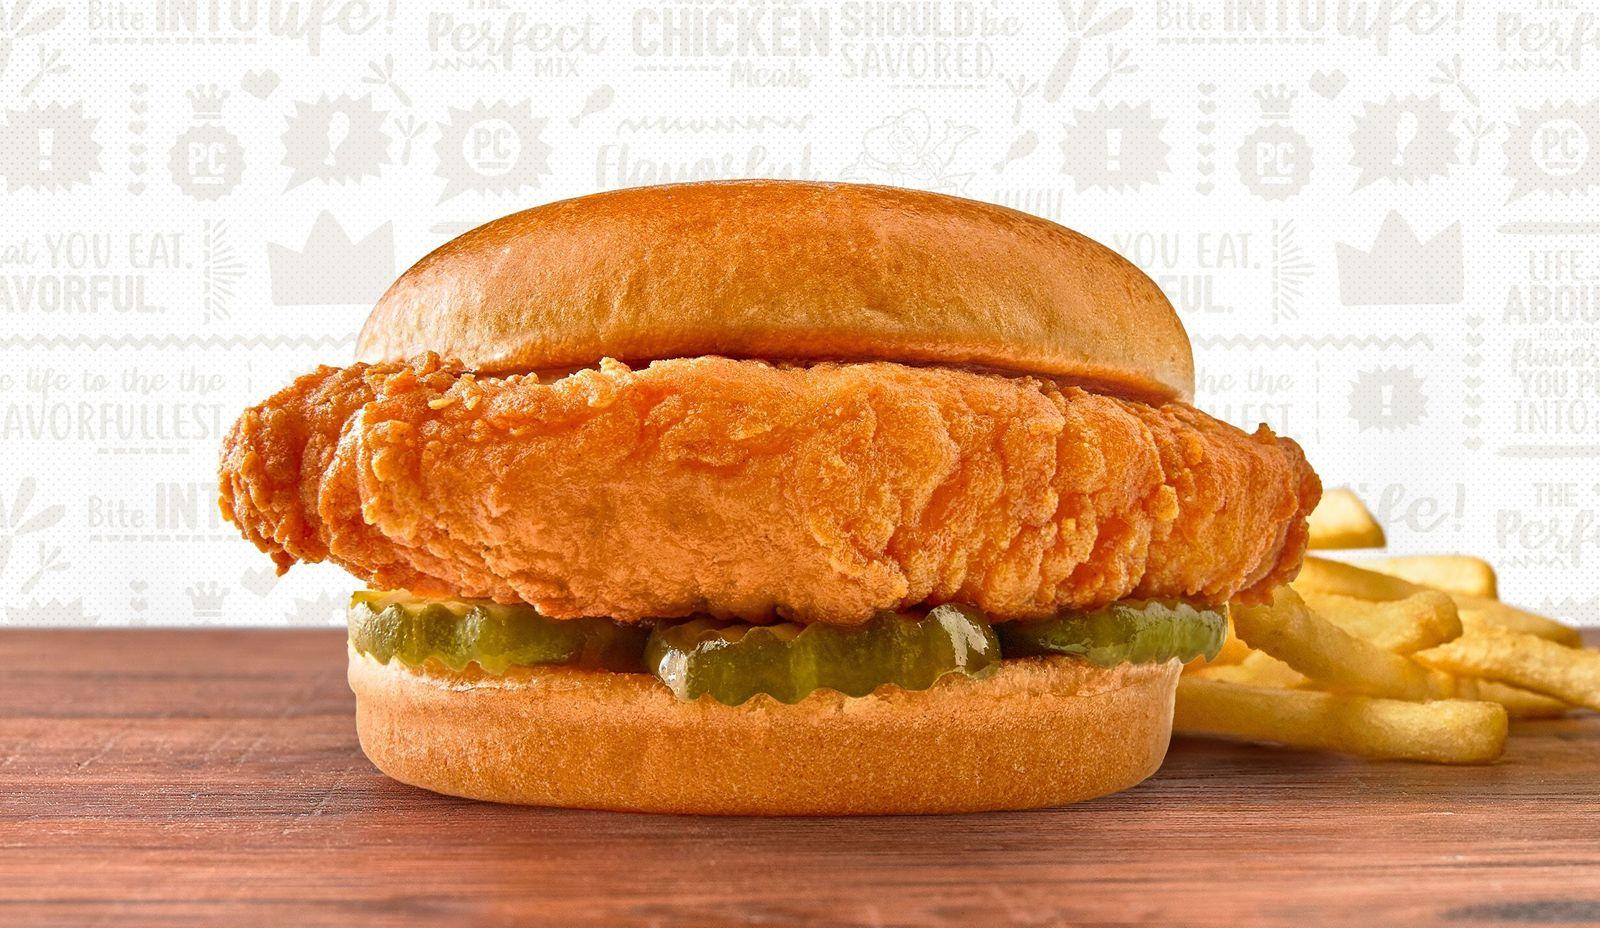 Pollo Campero Launches New Chicken Sandwich